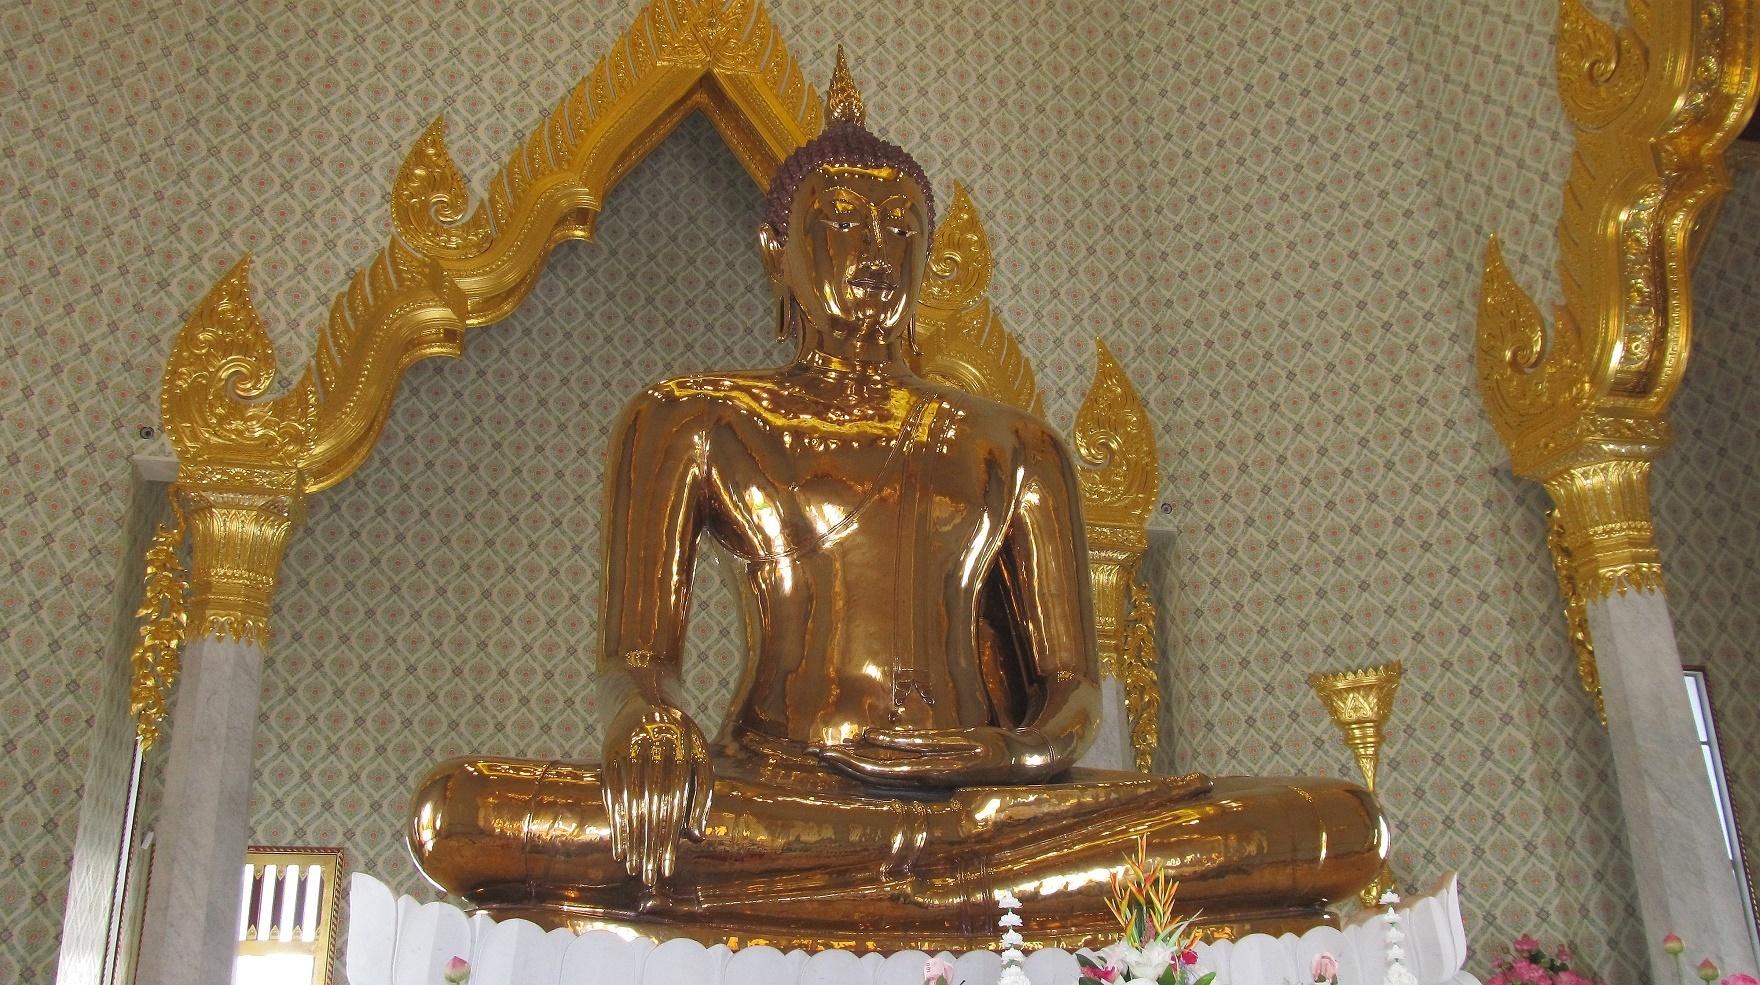 Zlatý buddha v novém čedí - Wat Traimit